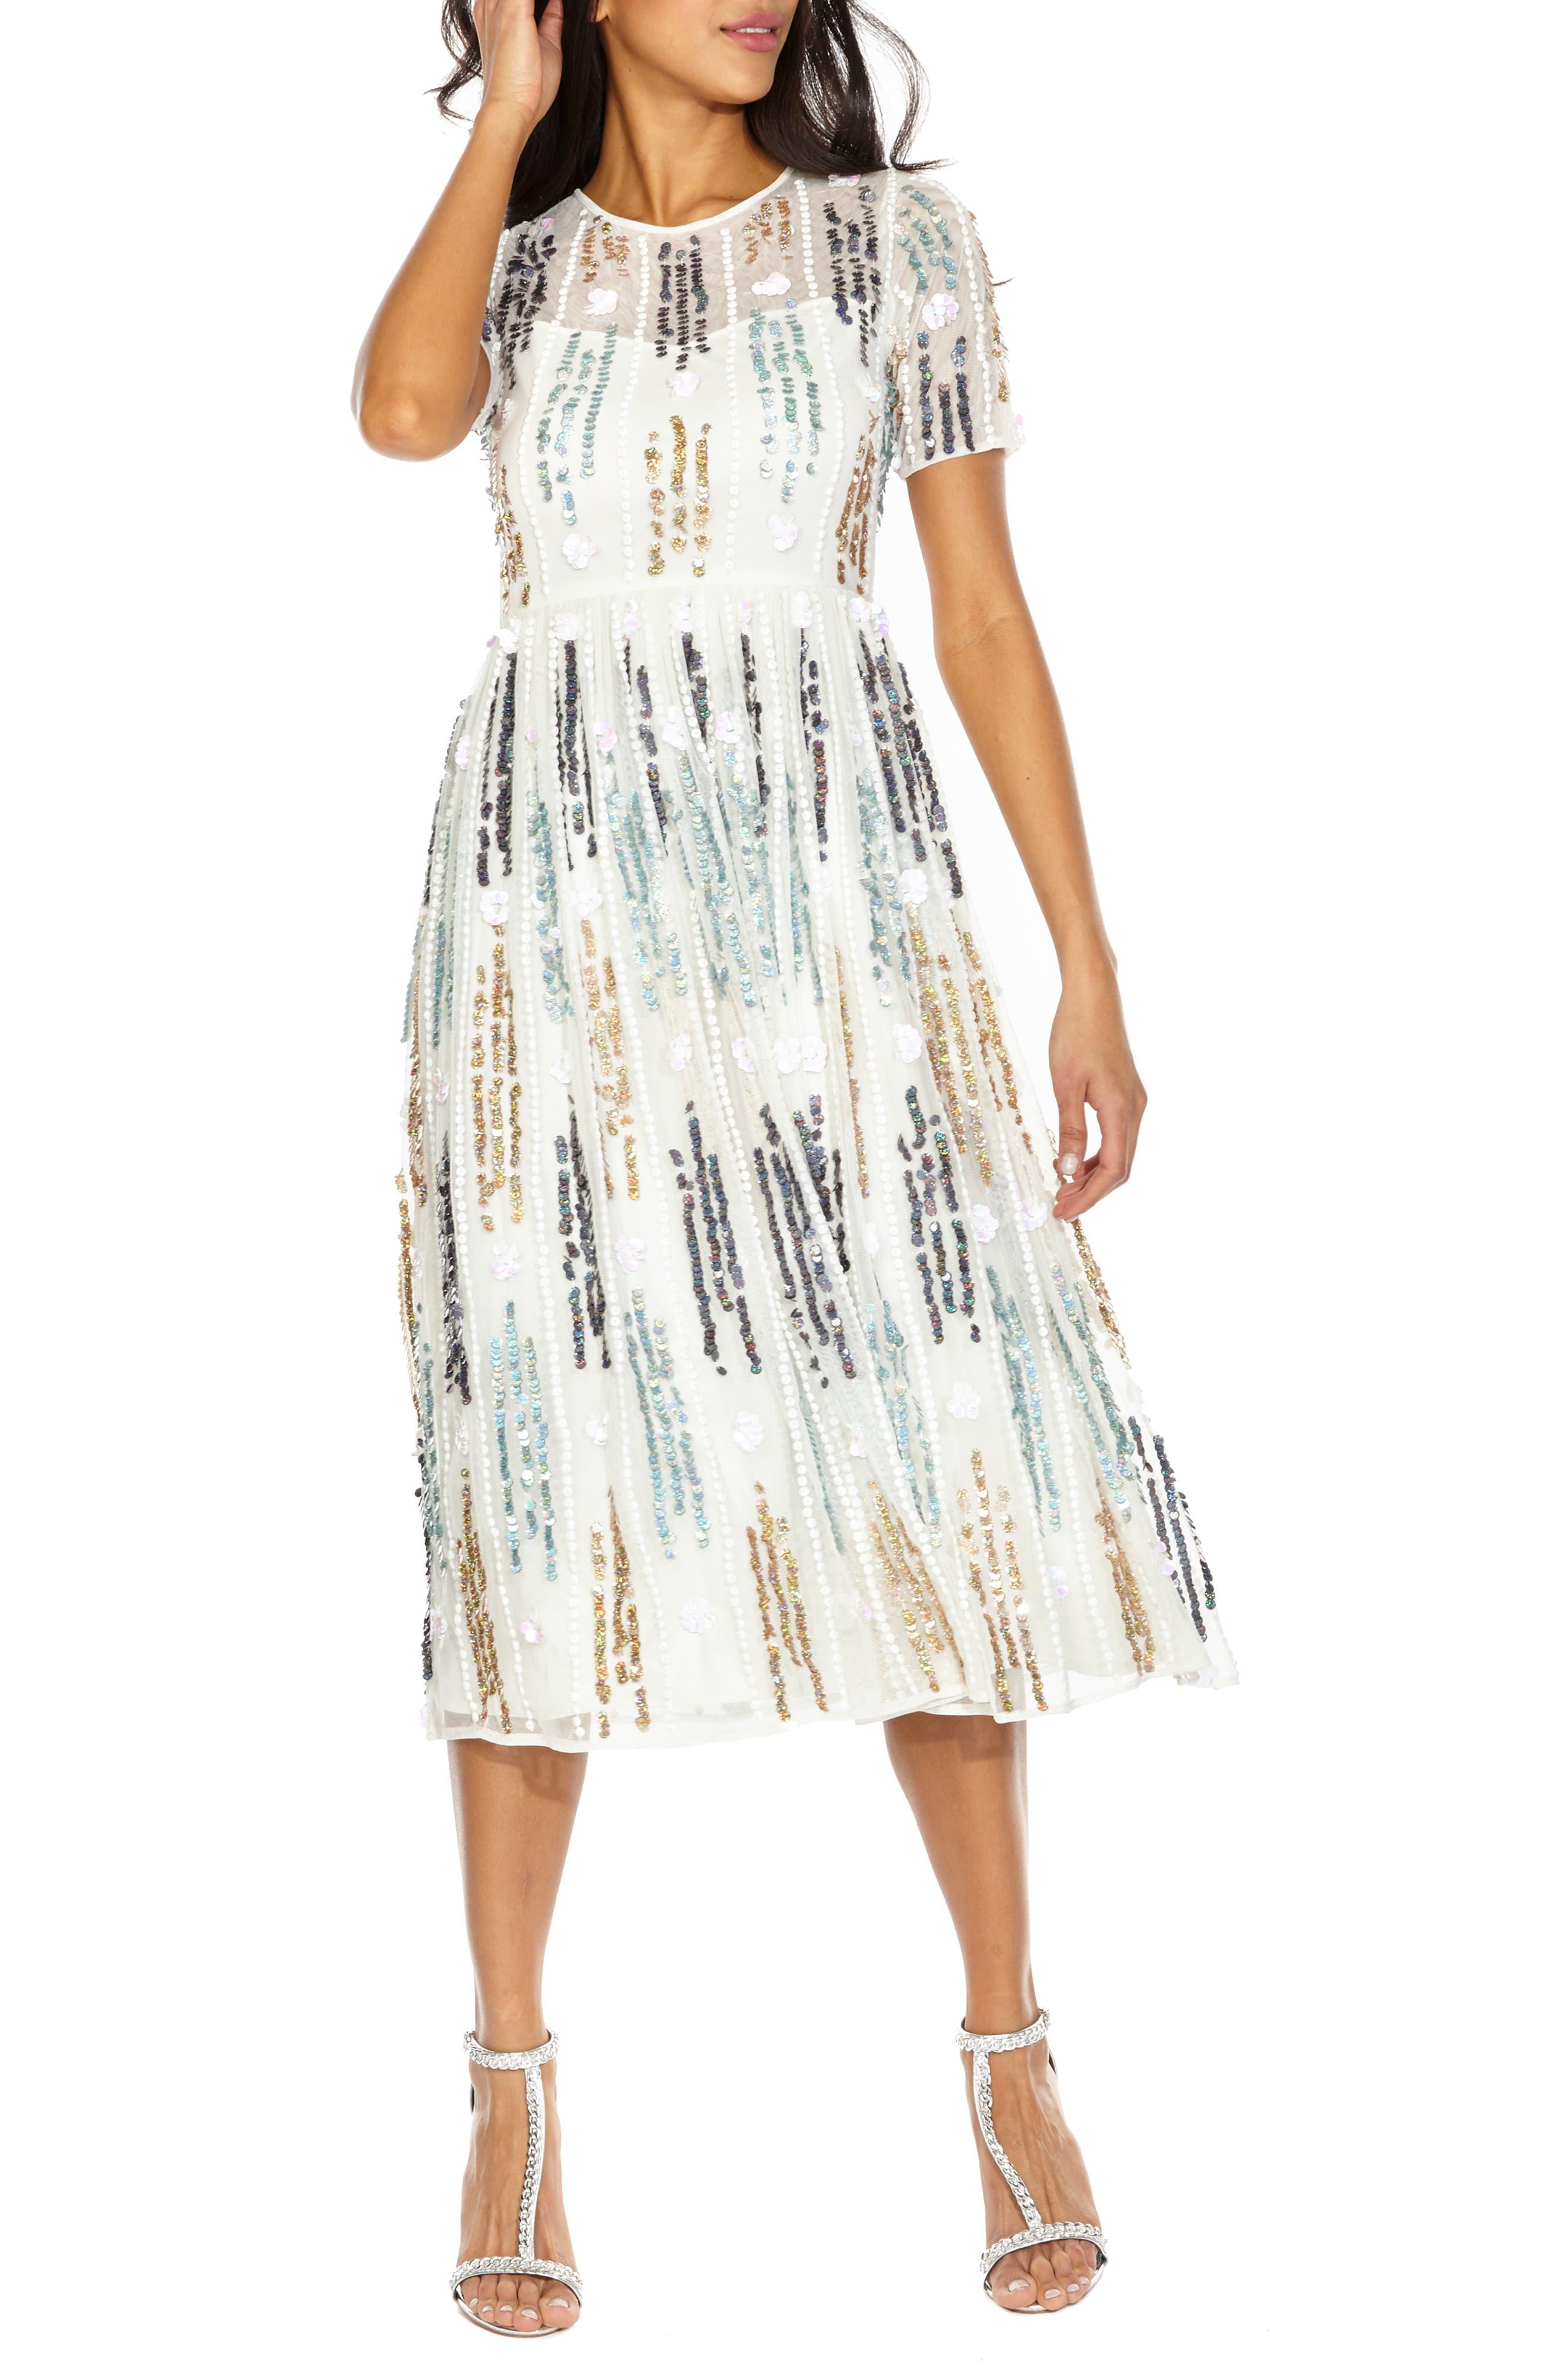 LACE & BEADS Crichet Sequin Midi Dress, Main, color, 100